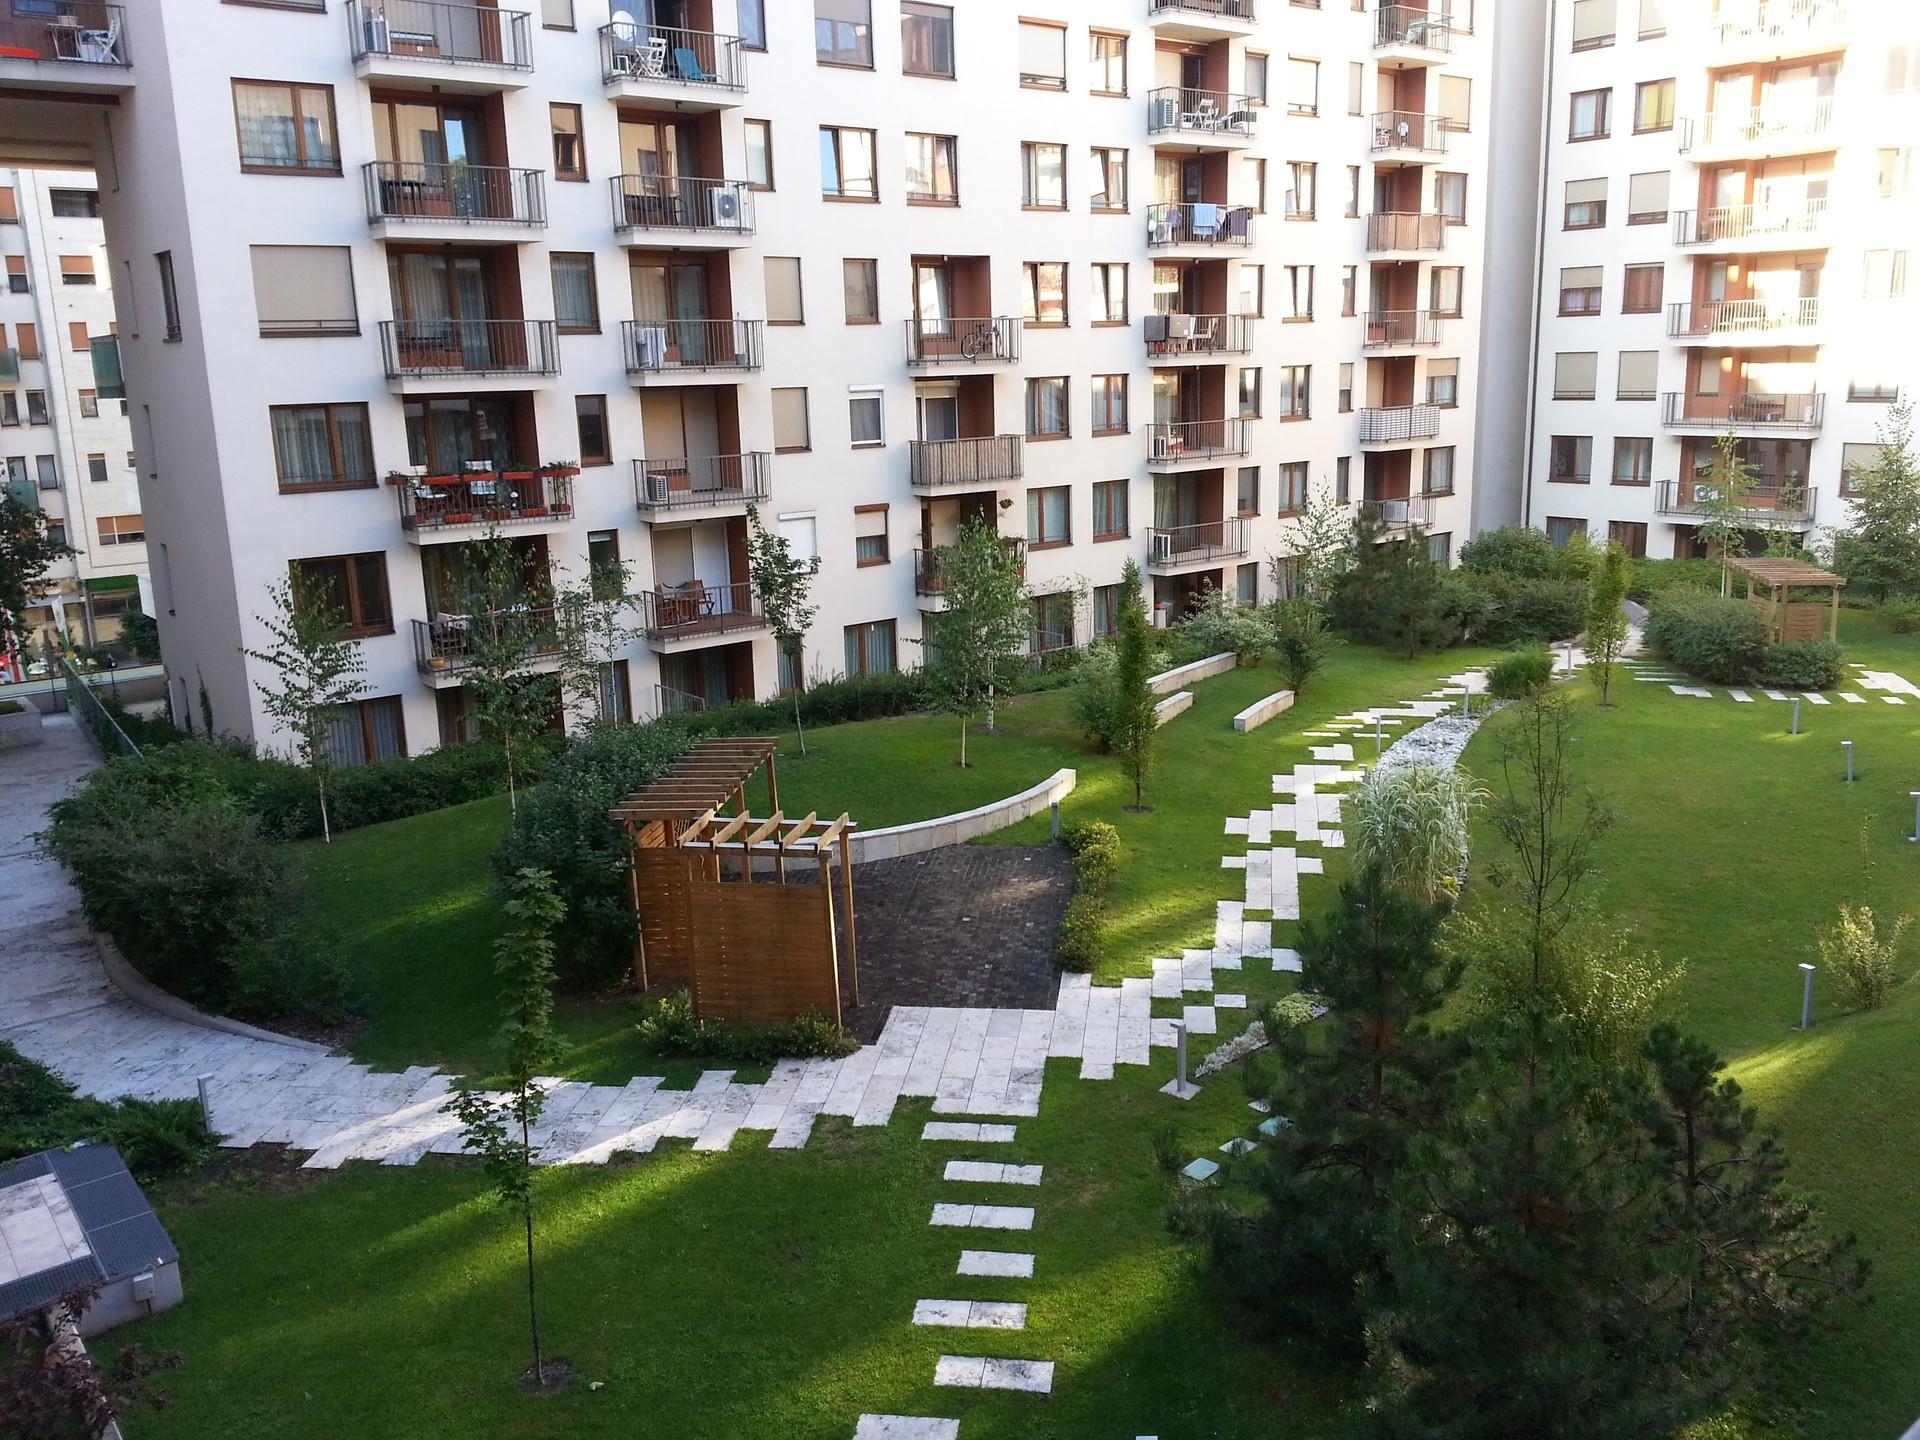 apartment with garden at corvin promenade - Apartment Garden